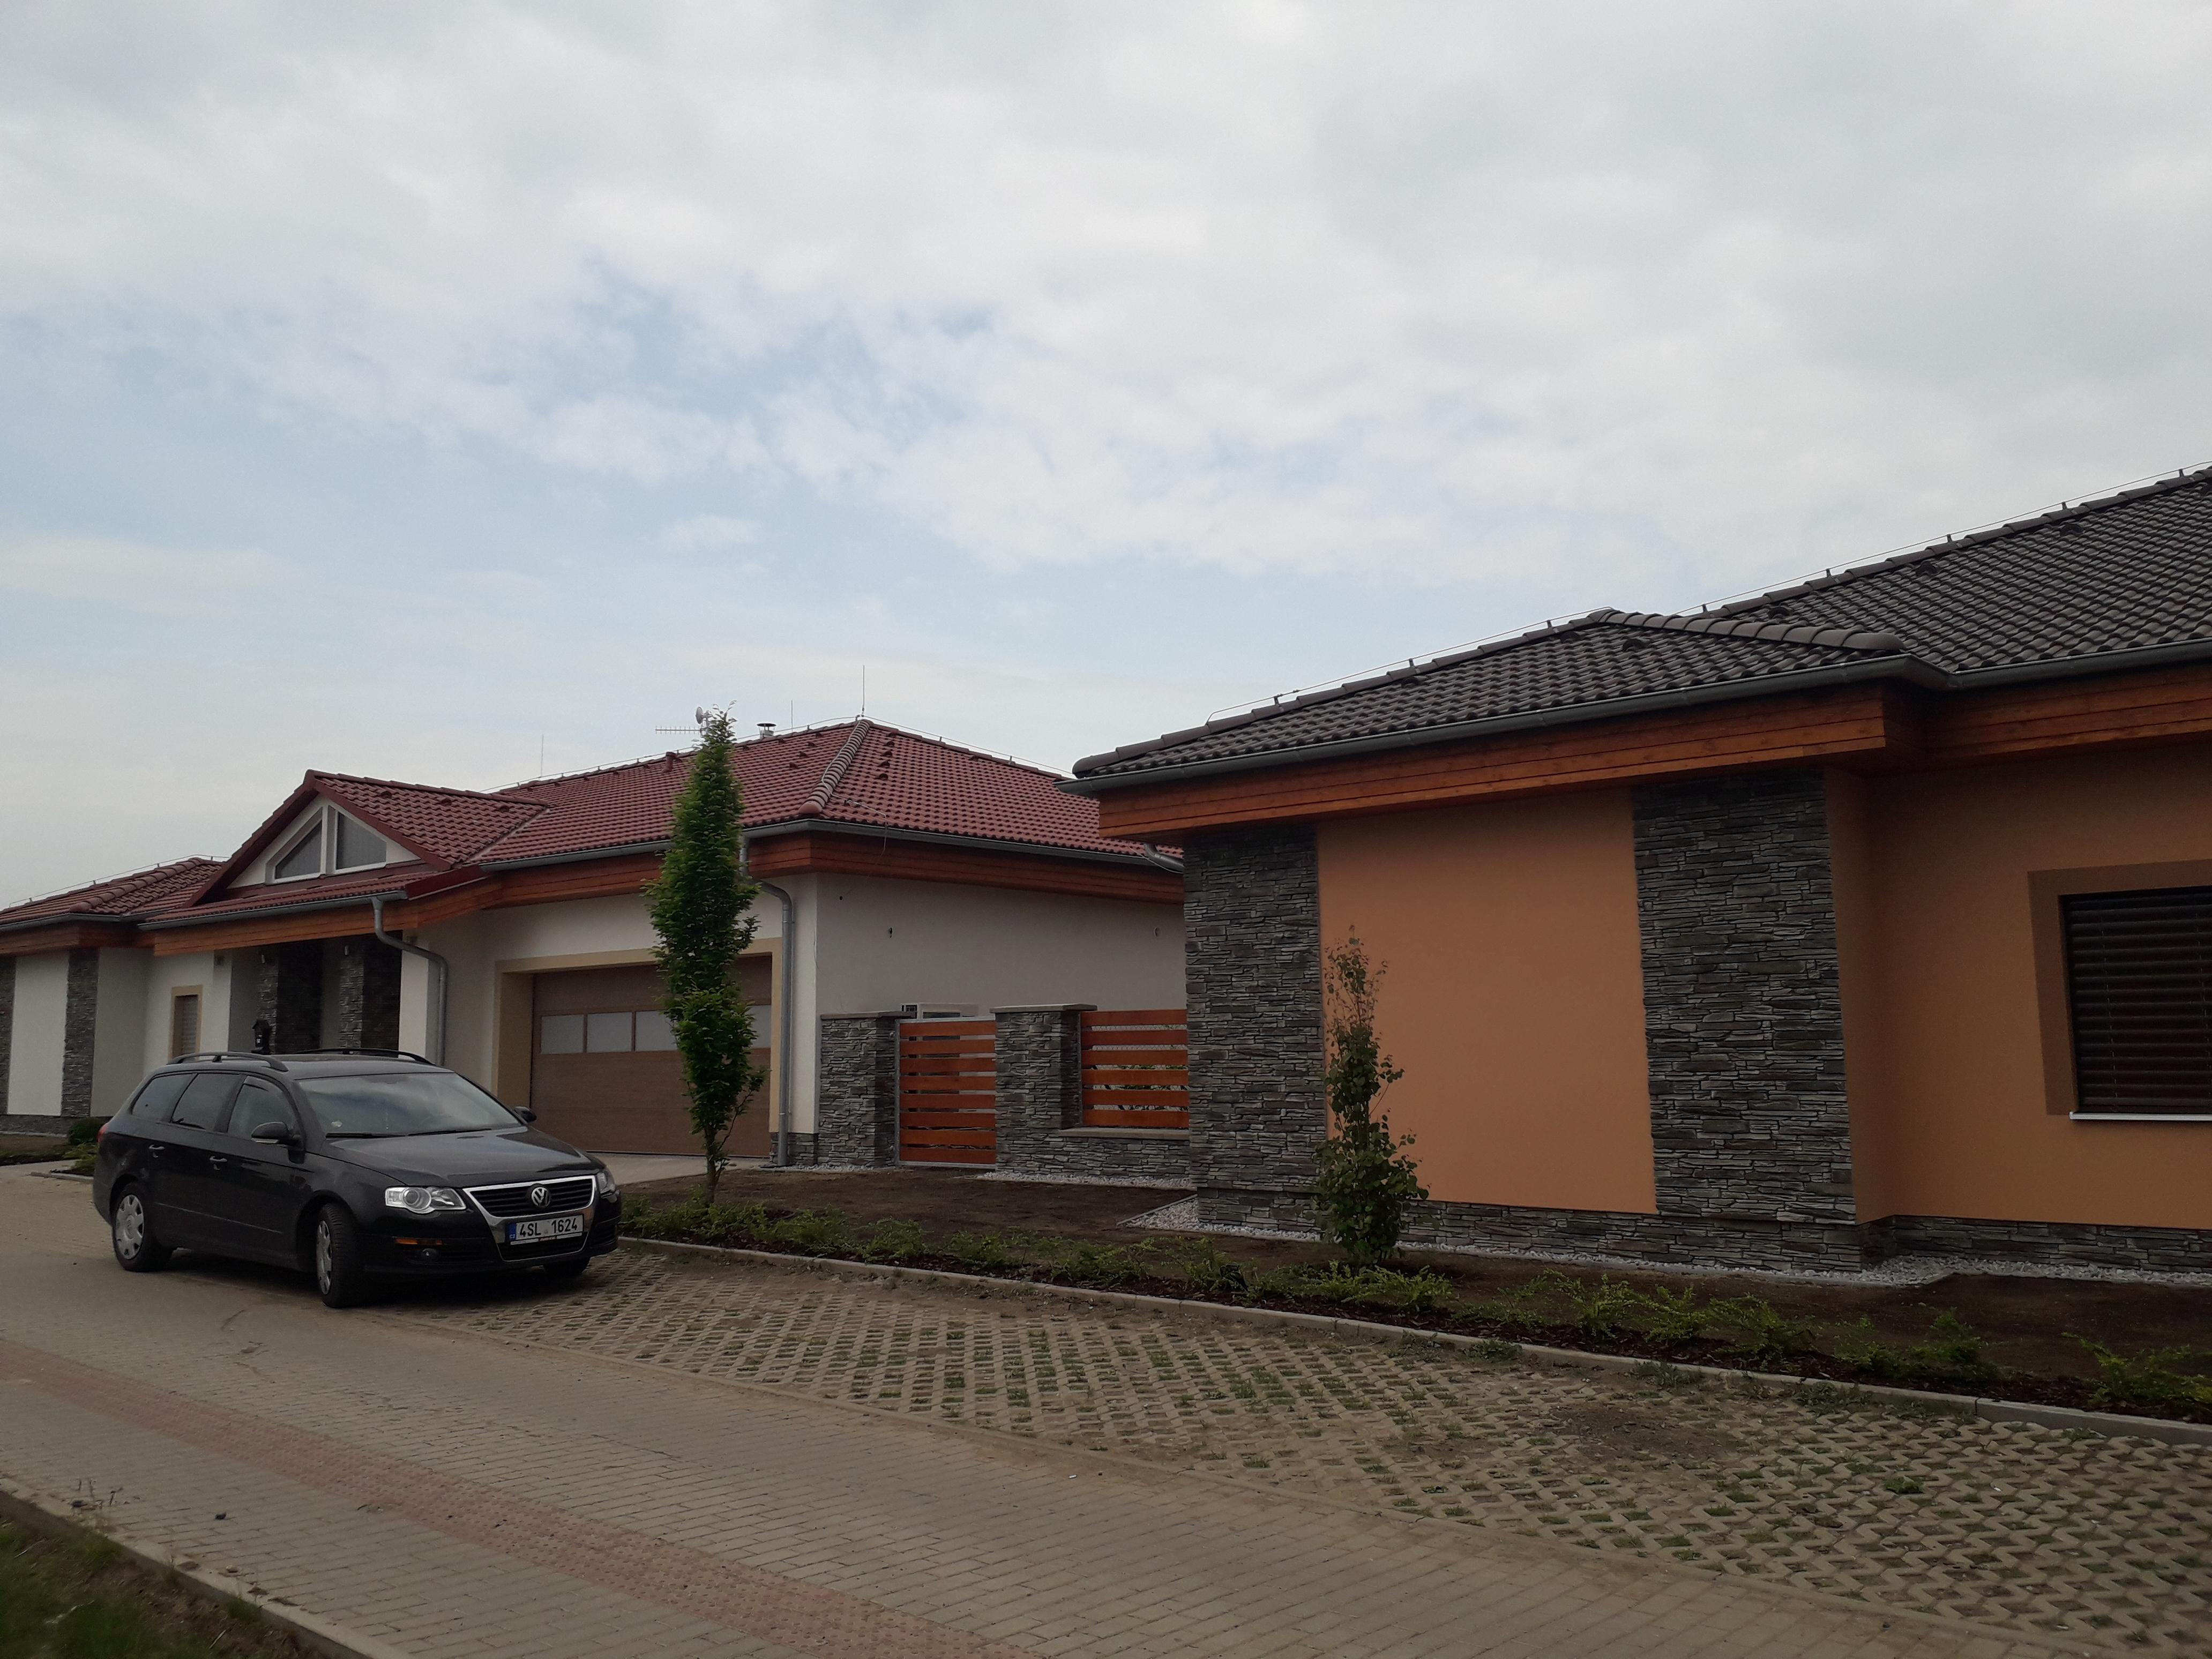 Právě jsme dokončili náš již II. projekt BALI dům - podívejte se sami....